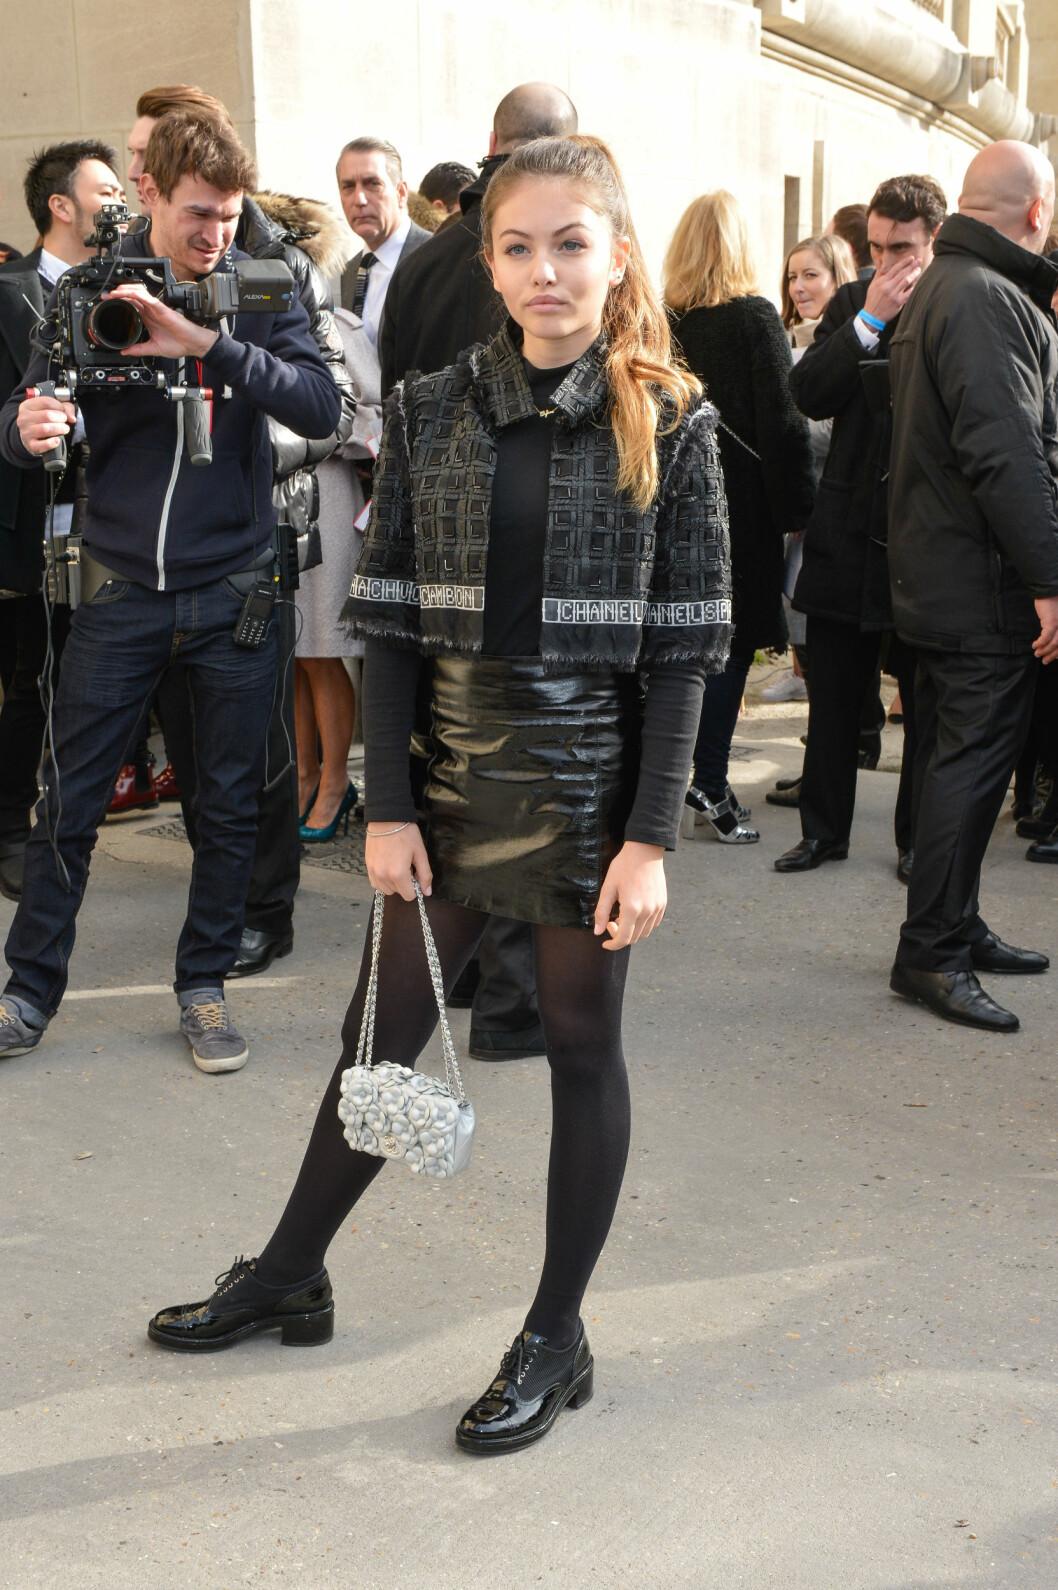 PÅ CHANEL VISNING: Det var ikke mange som trodde at Thylane Blondeau bare er 14 år gammel da hun møtte opp på visningen til Chanel i Paris denne uken. Foto: Abaca